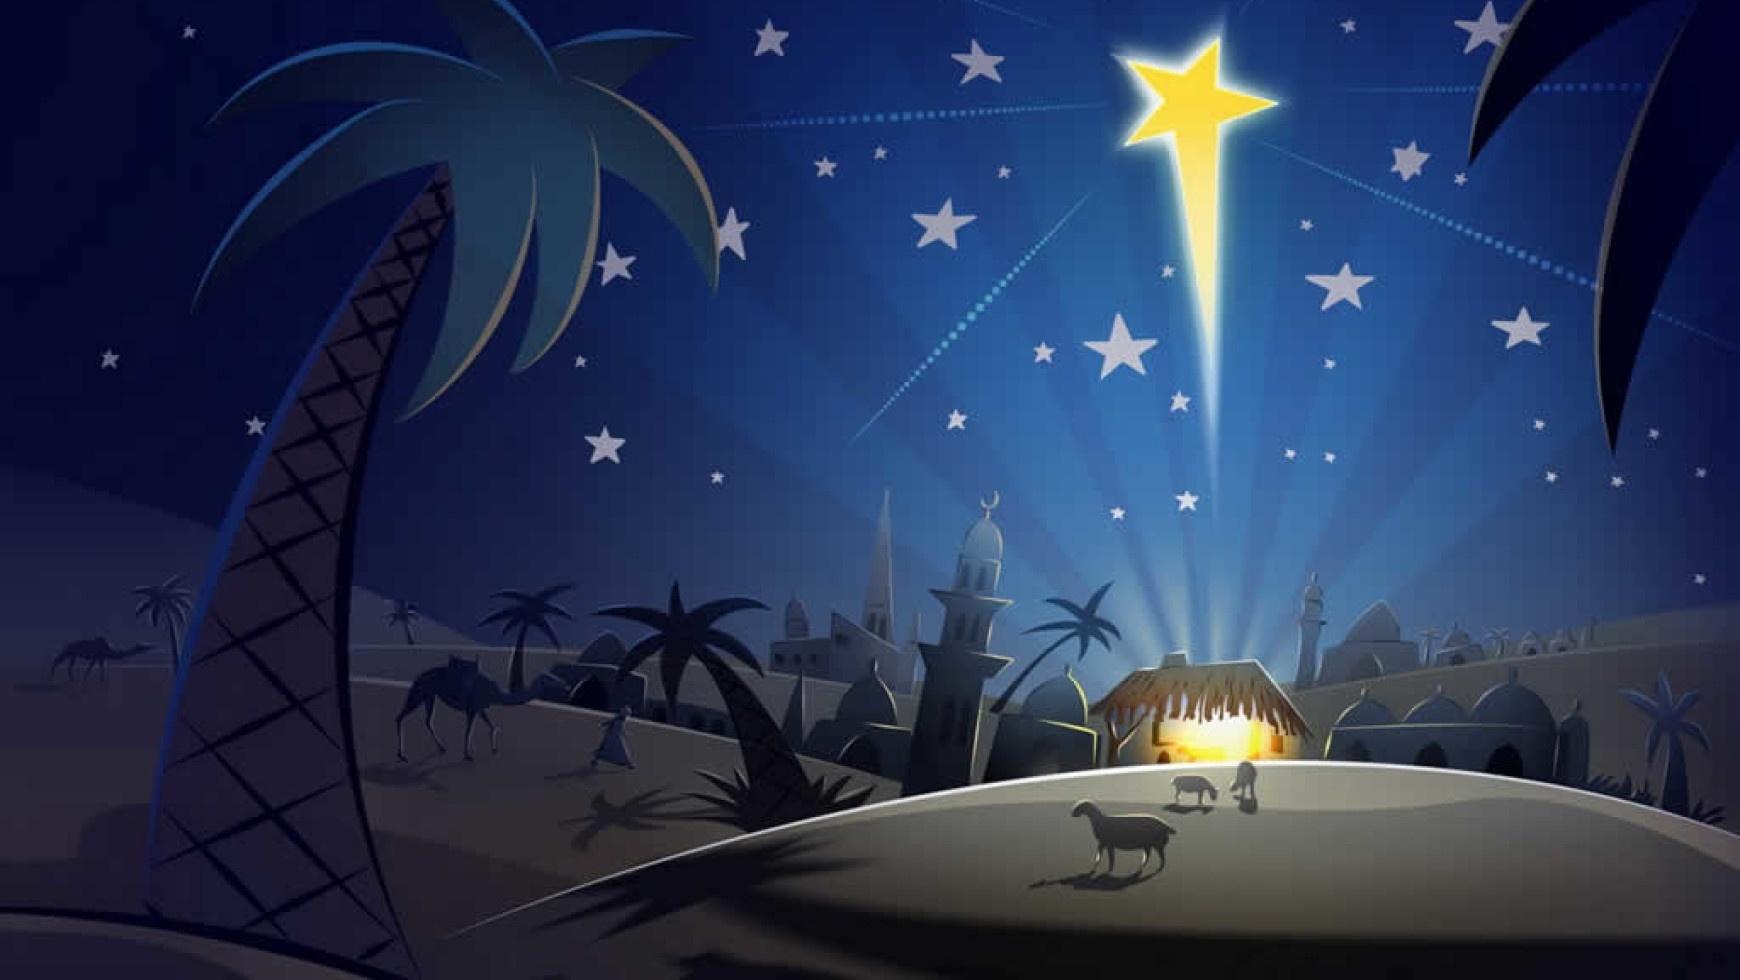 Predicacion: Amor, paz y perdon (16/12/2012)